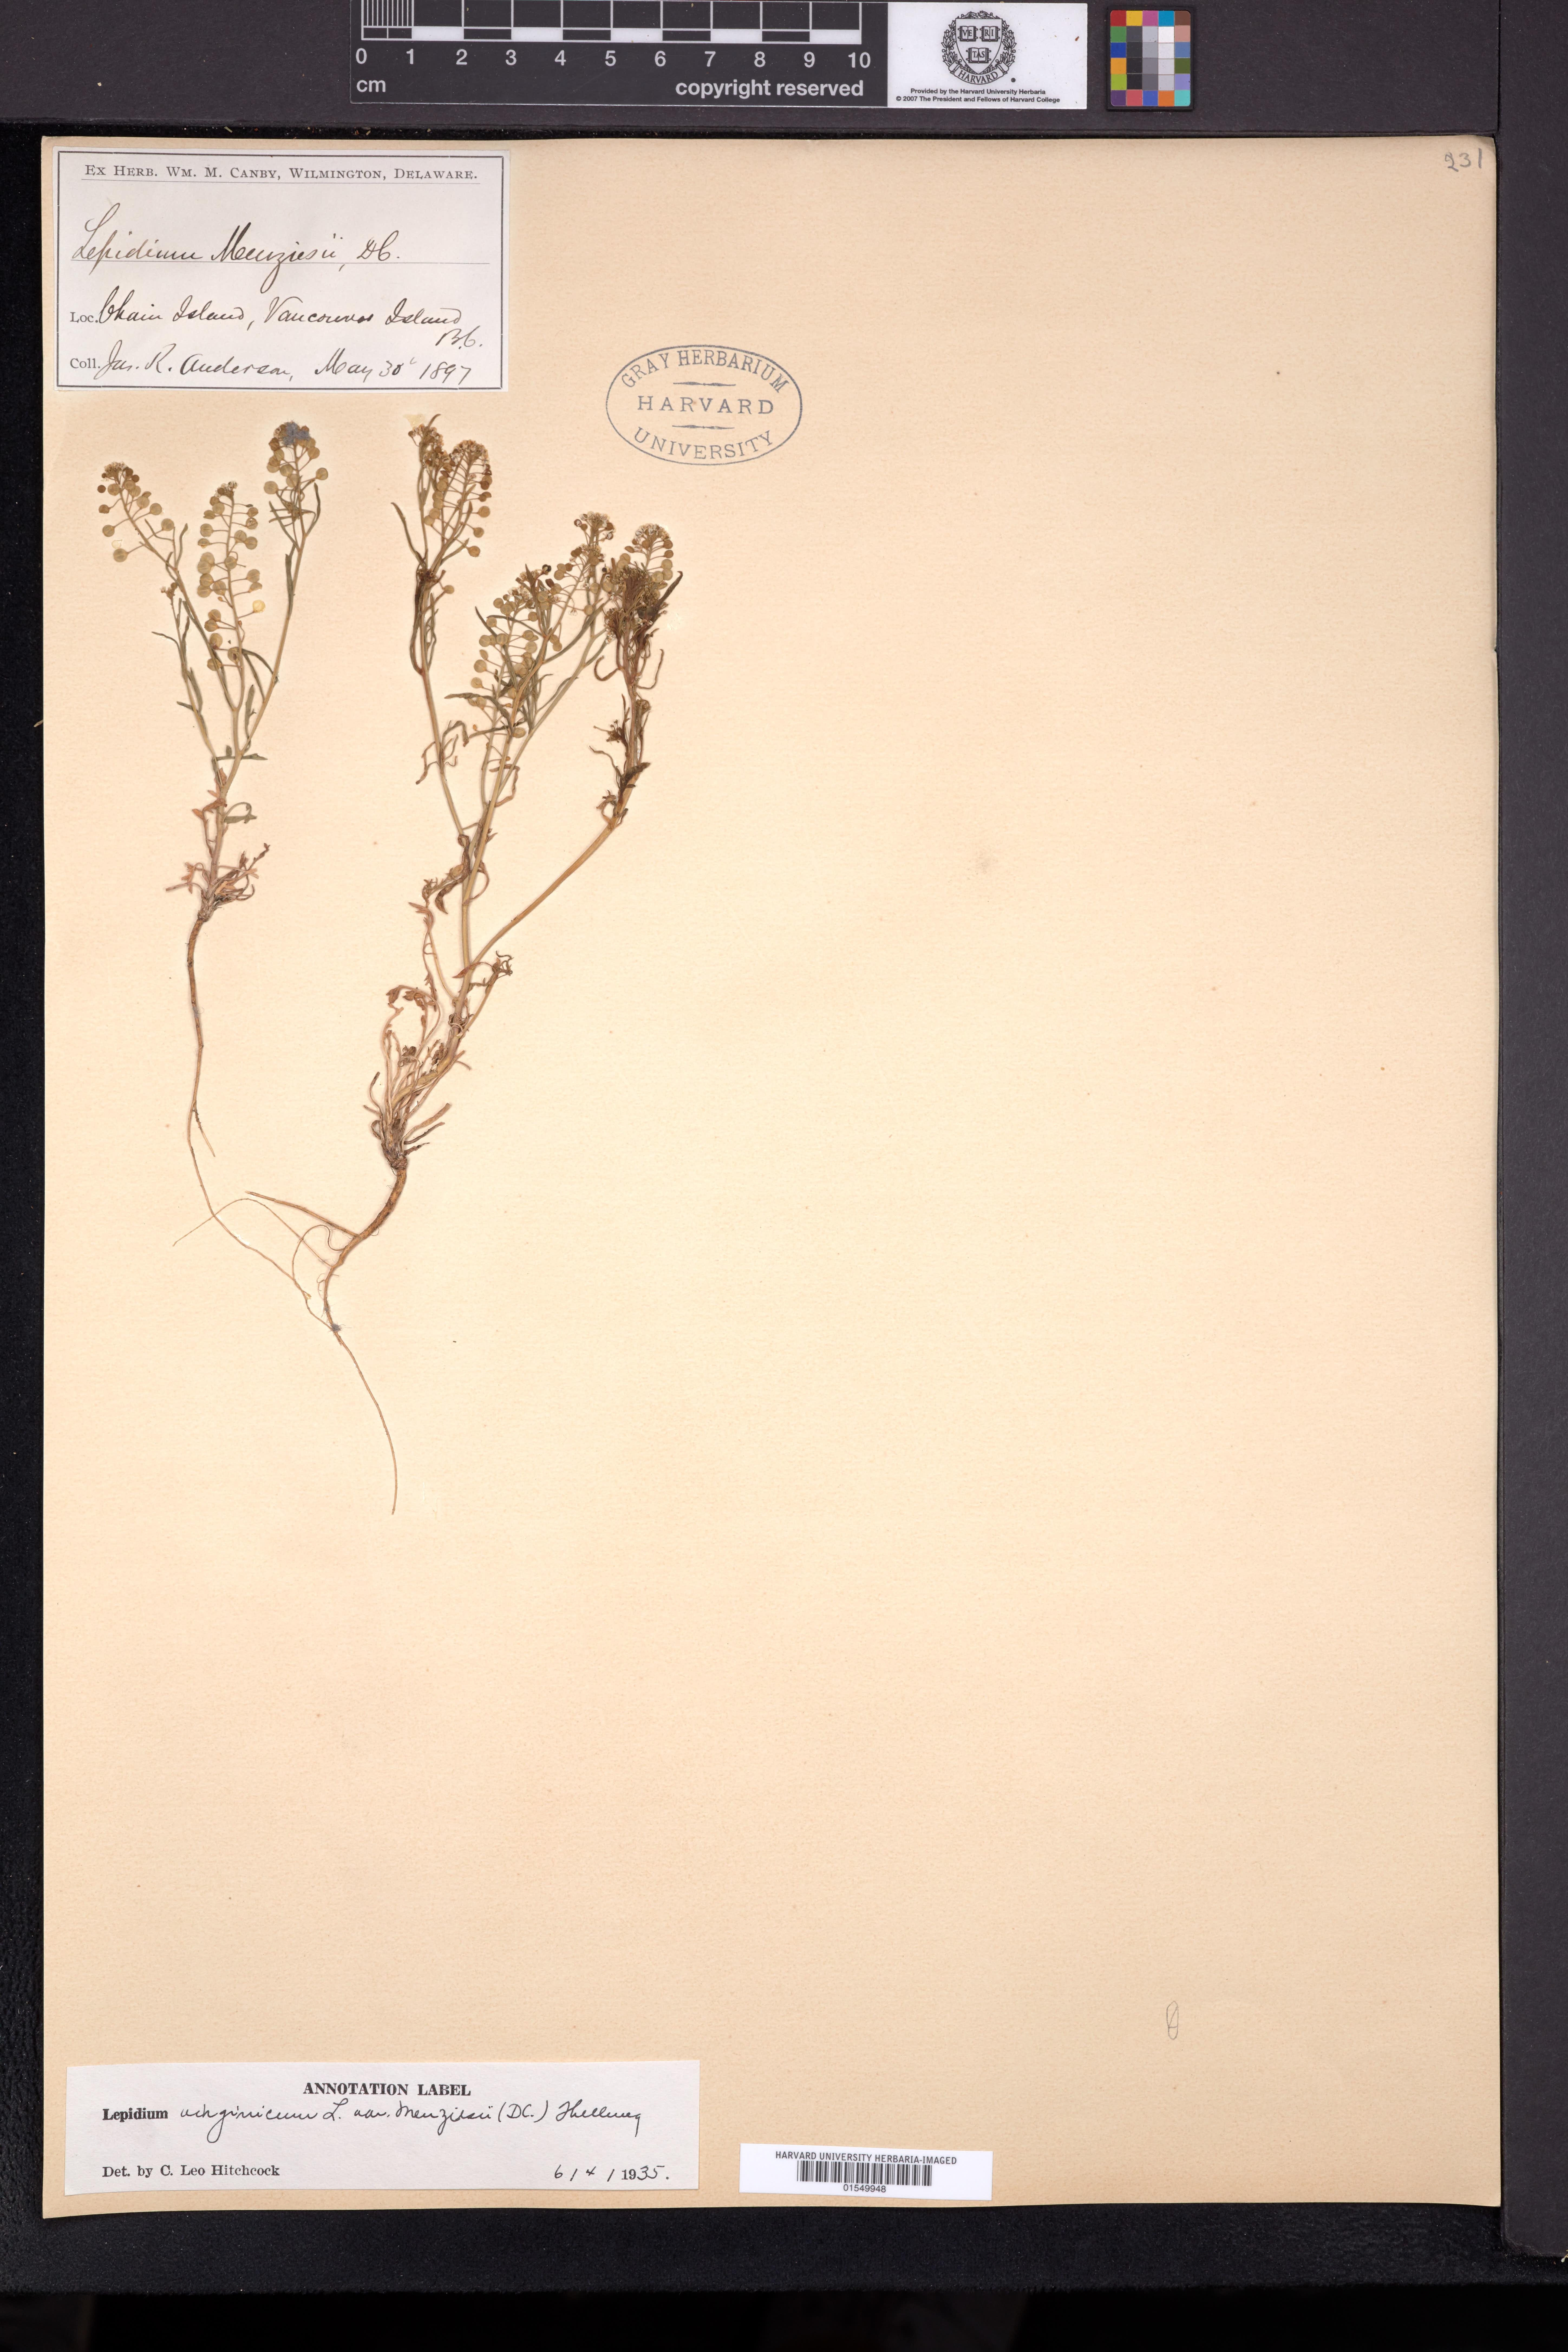 Lepidium virginicum var. menziesii image